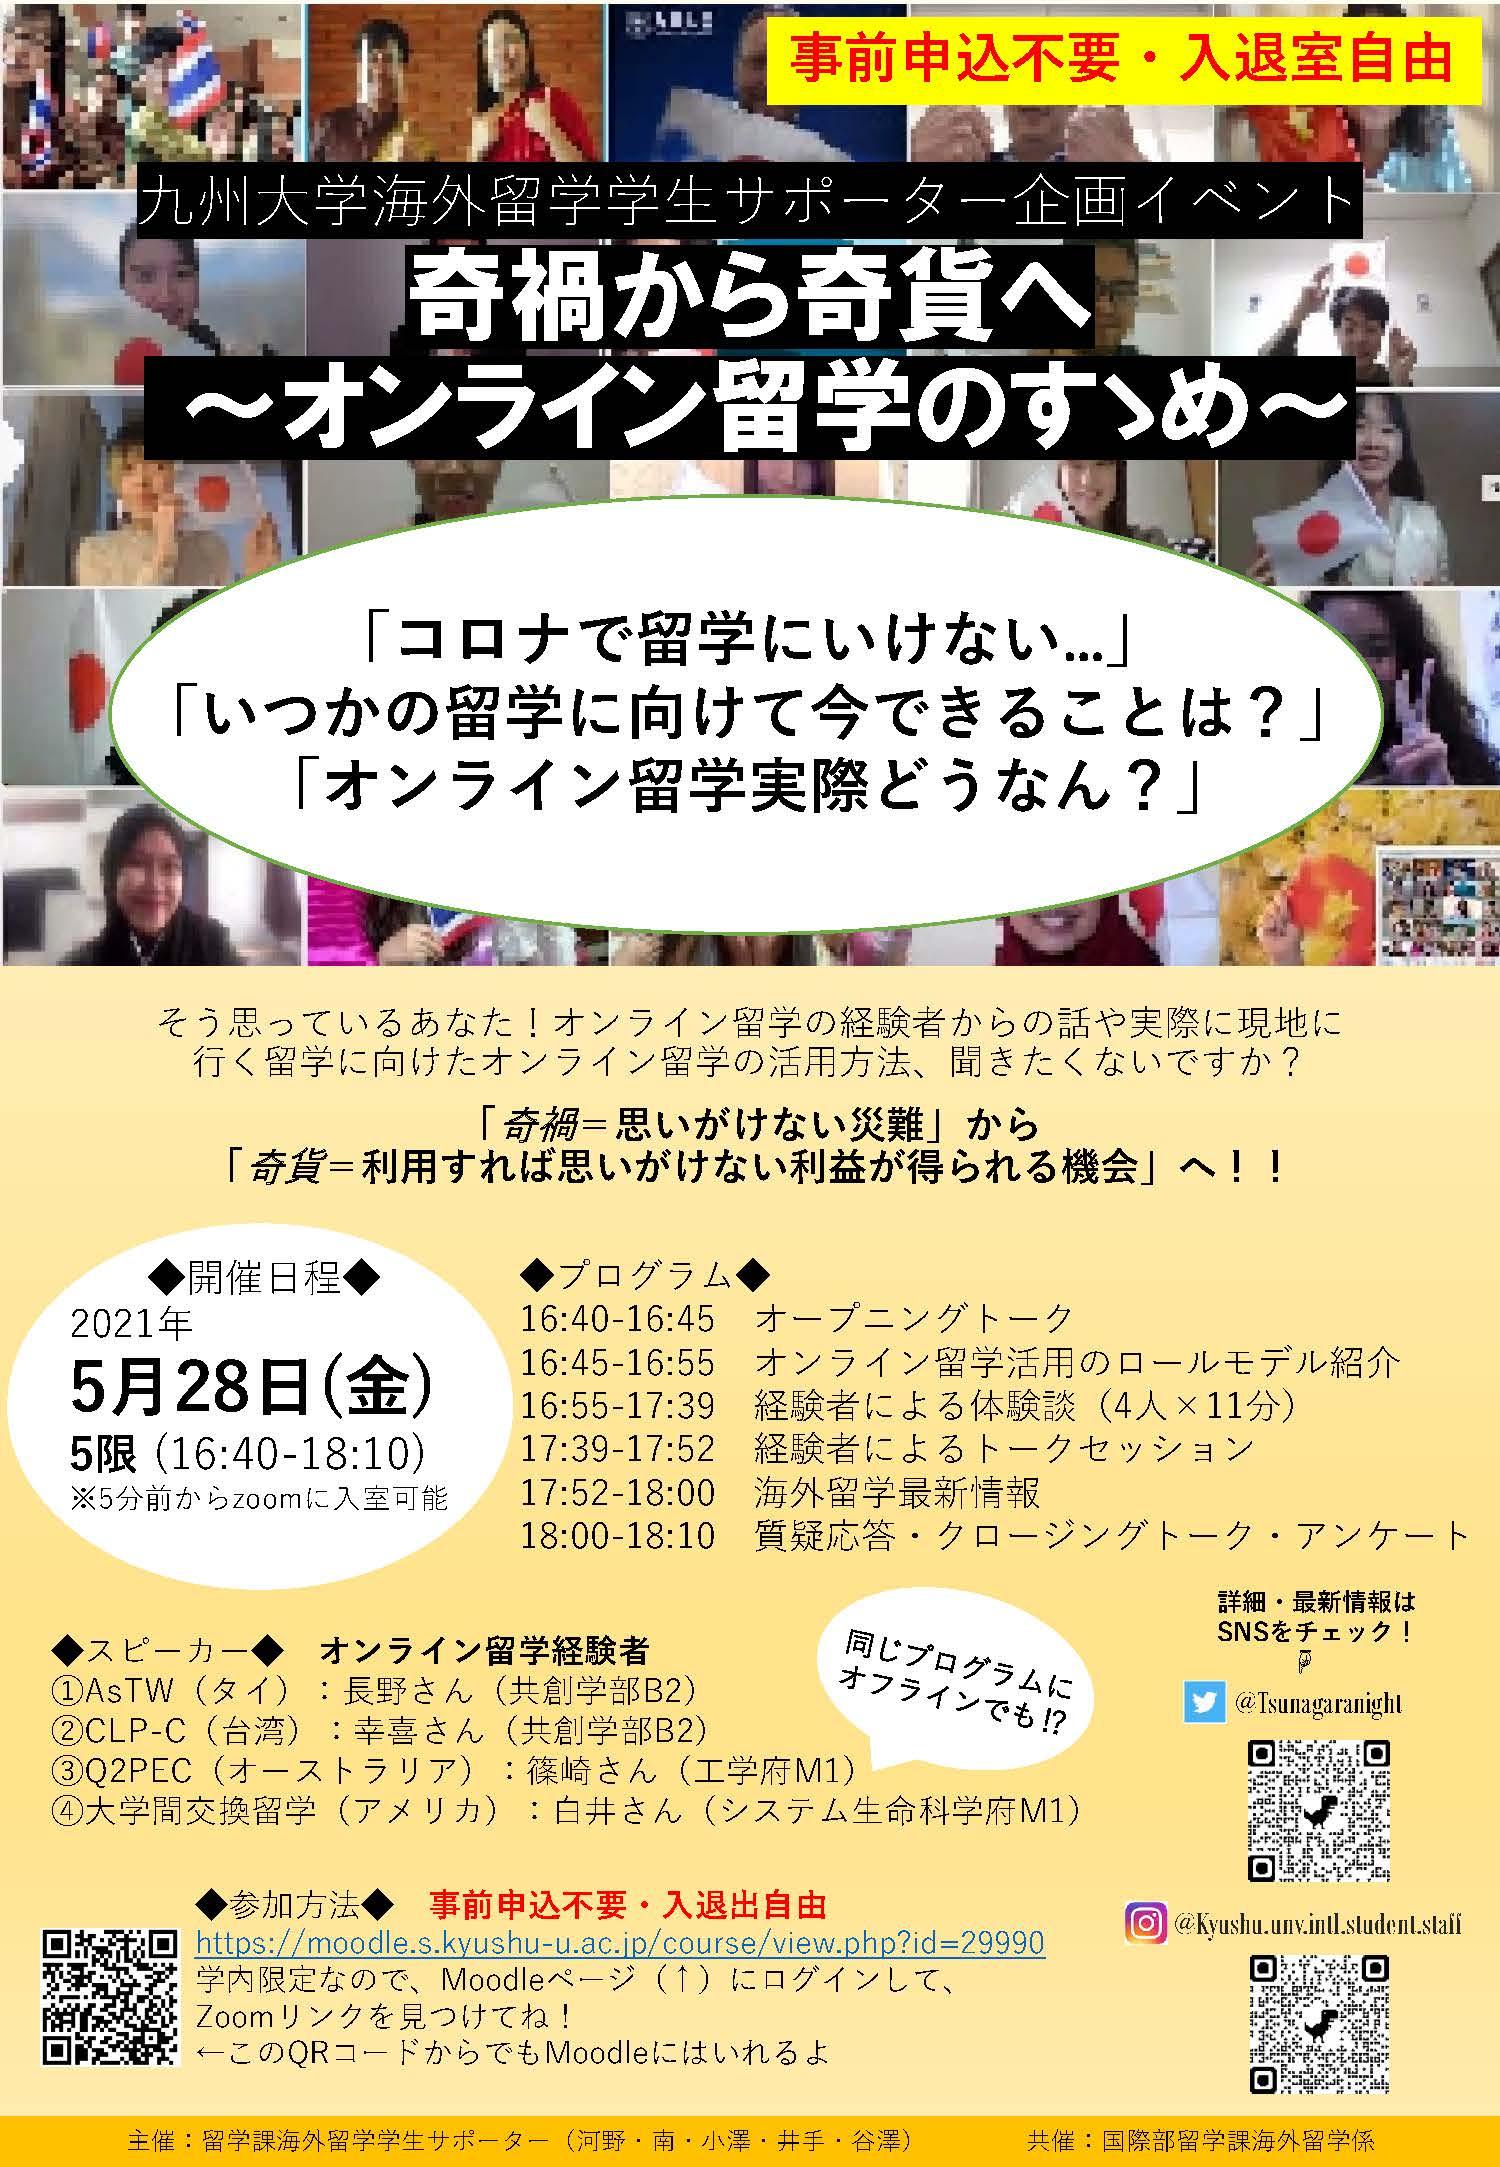 海外留学学生サポーター主催イベントポスター